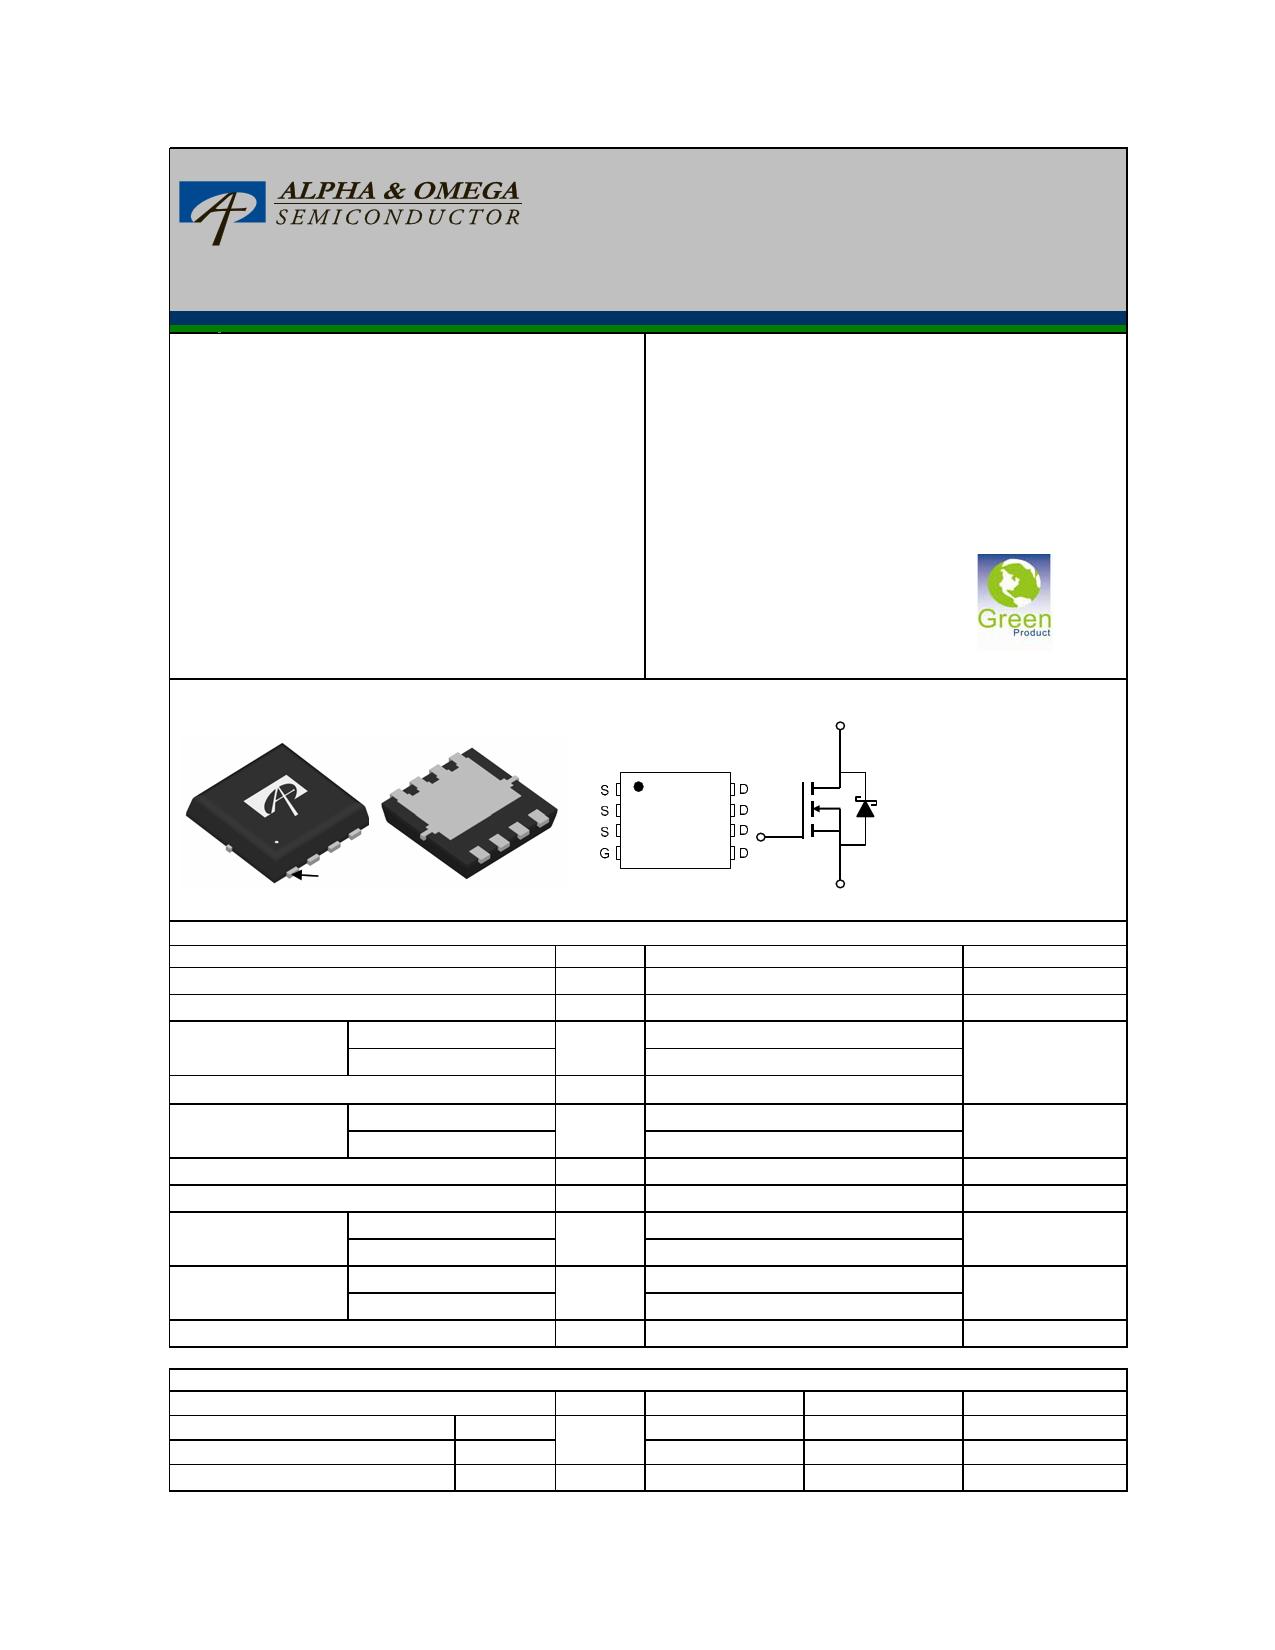 AON7788 Datasheet, AON7788 PDF,ピン配置, 機能